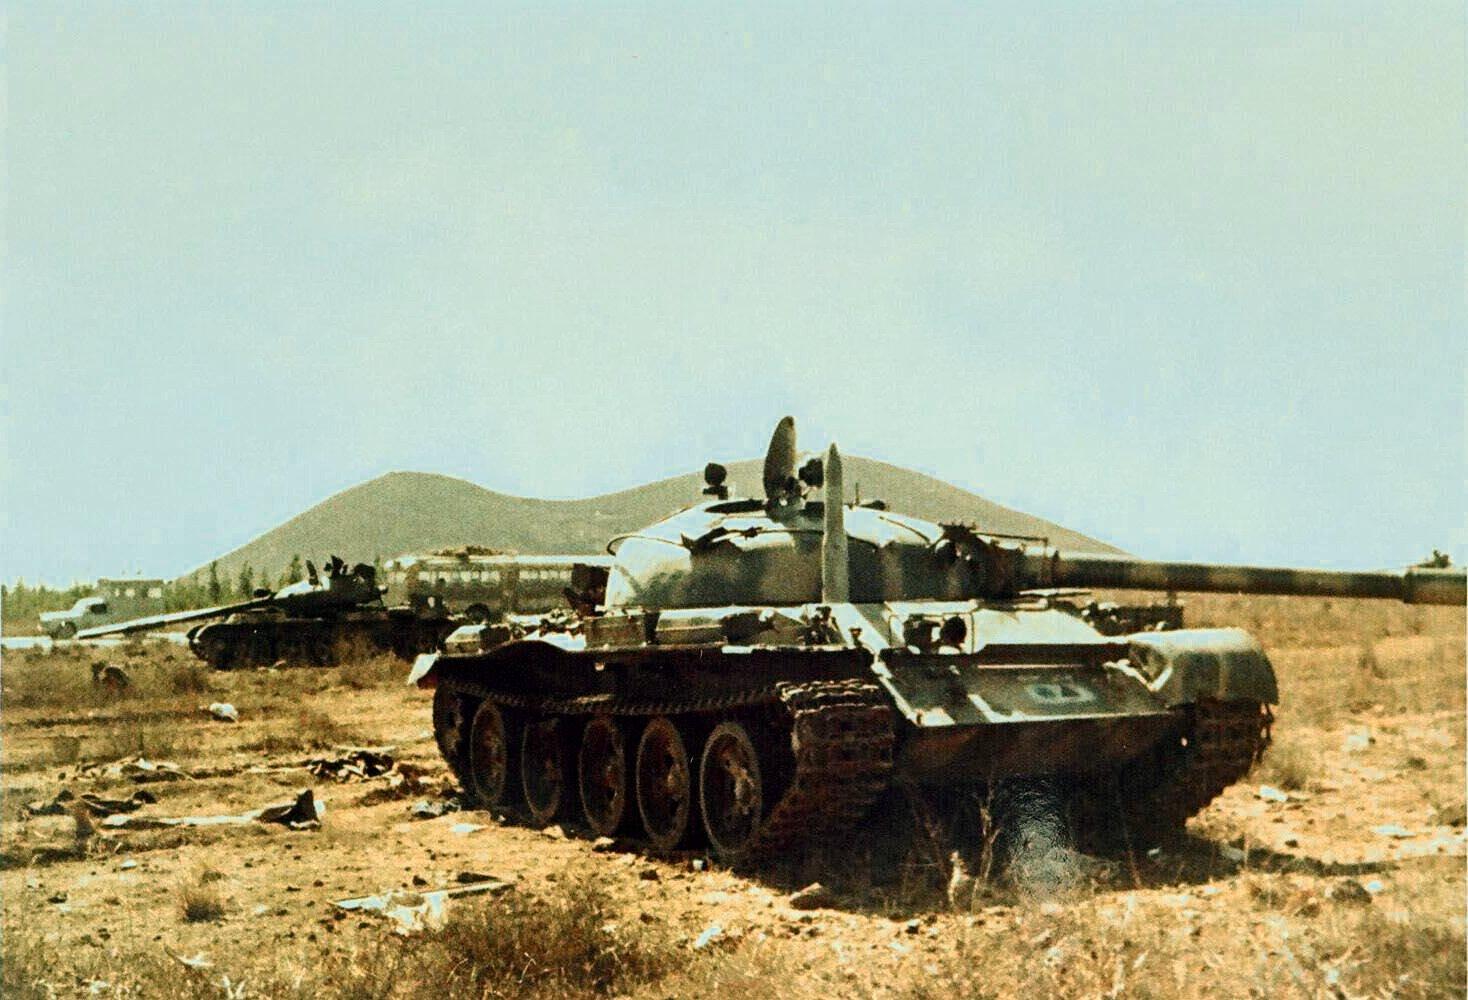 06 de Outubro de 1973: Em pleno feriado do Yom Kippur Síria e Egito atacam Israel